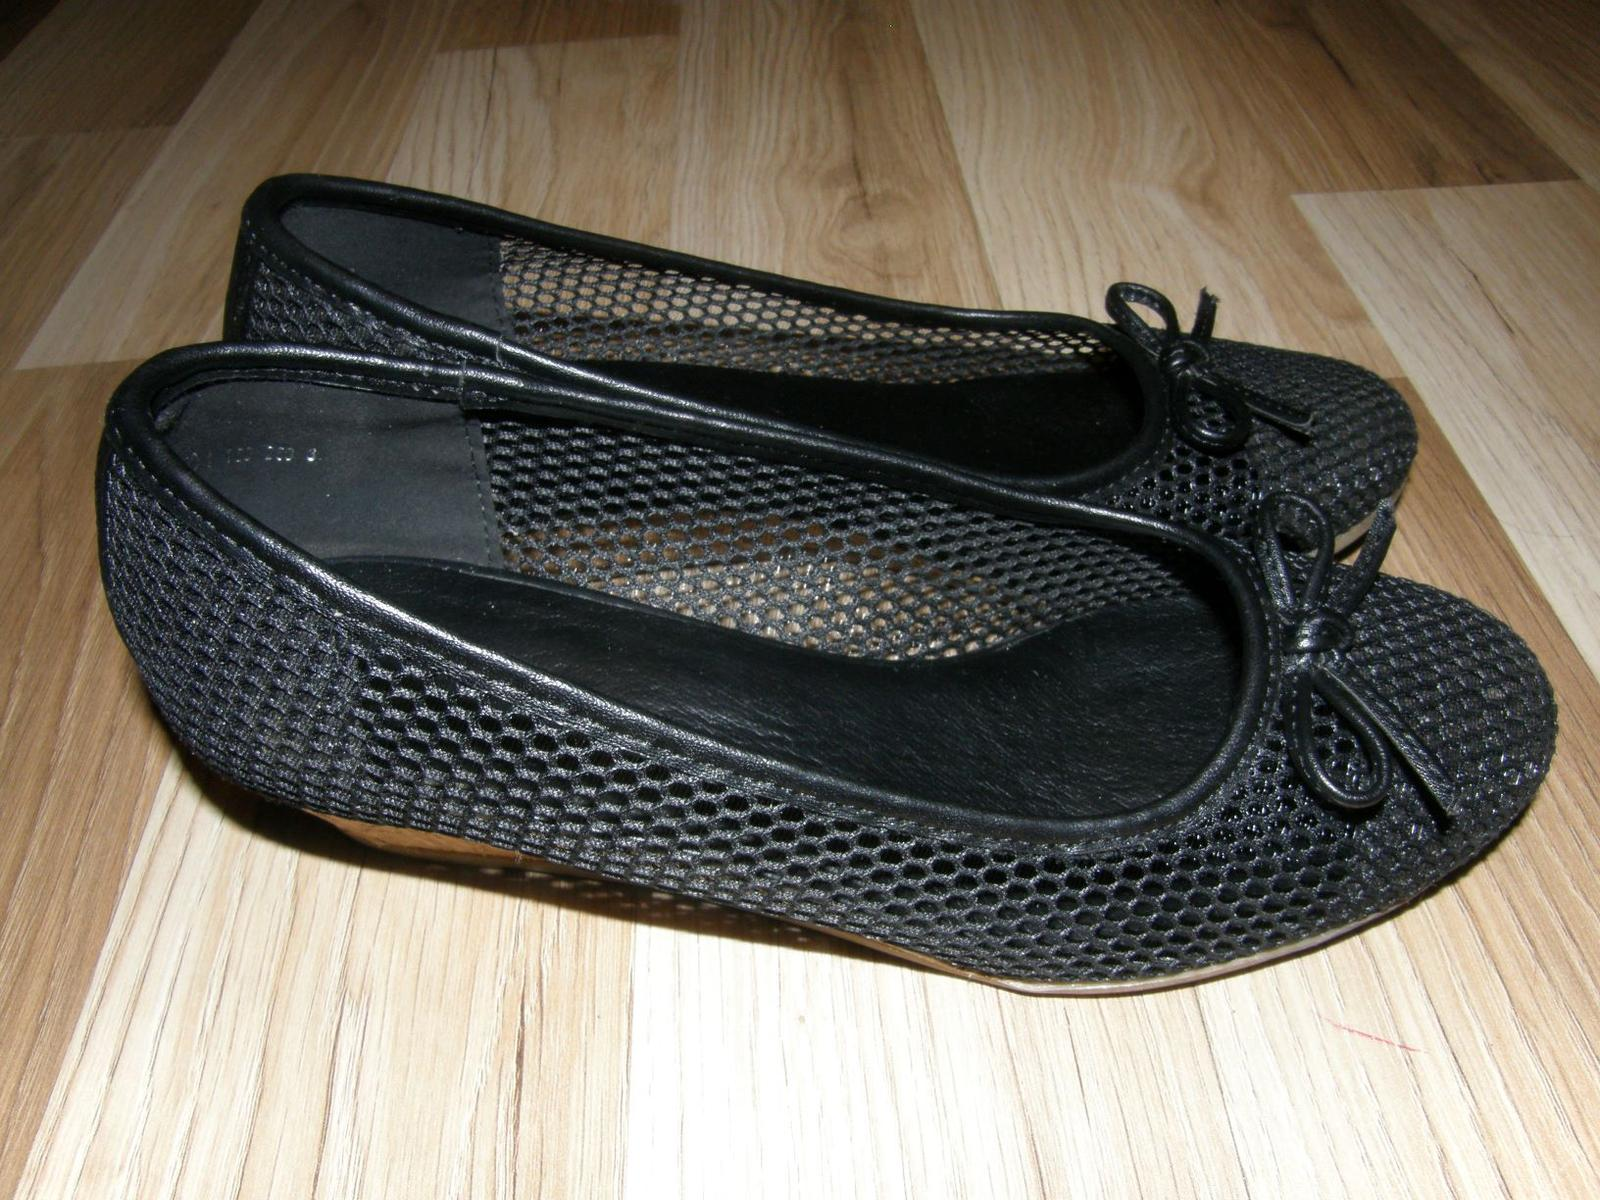 Topánky s klinovým opätkom - Obrázok č. 2